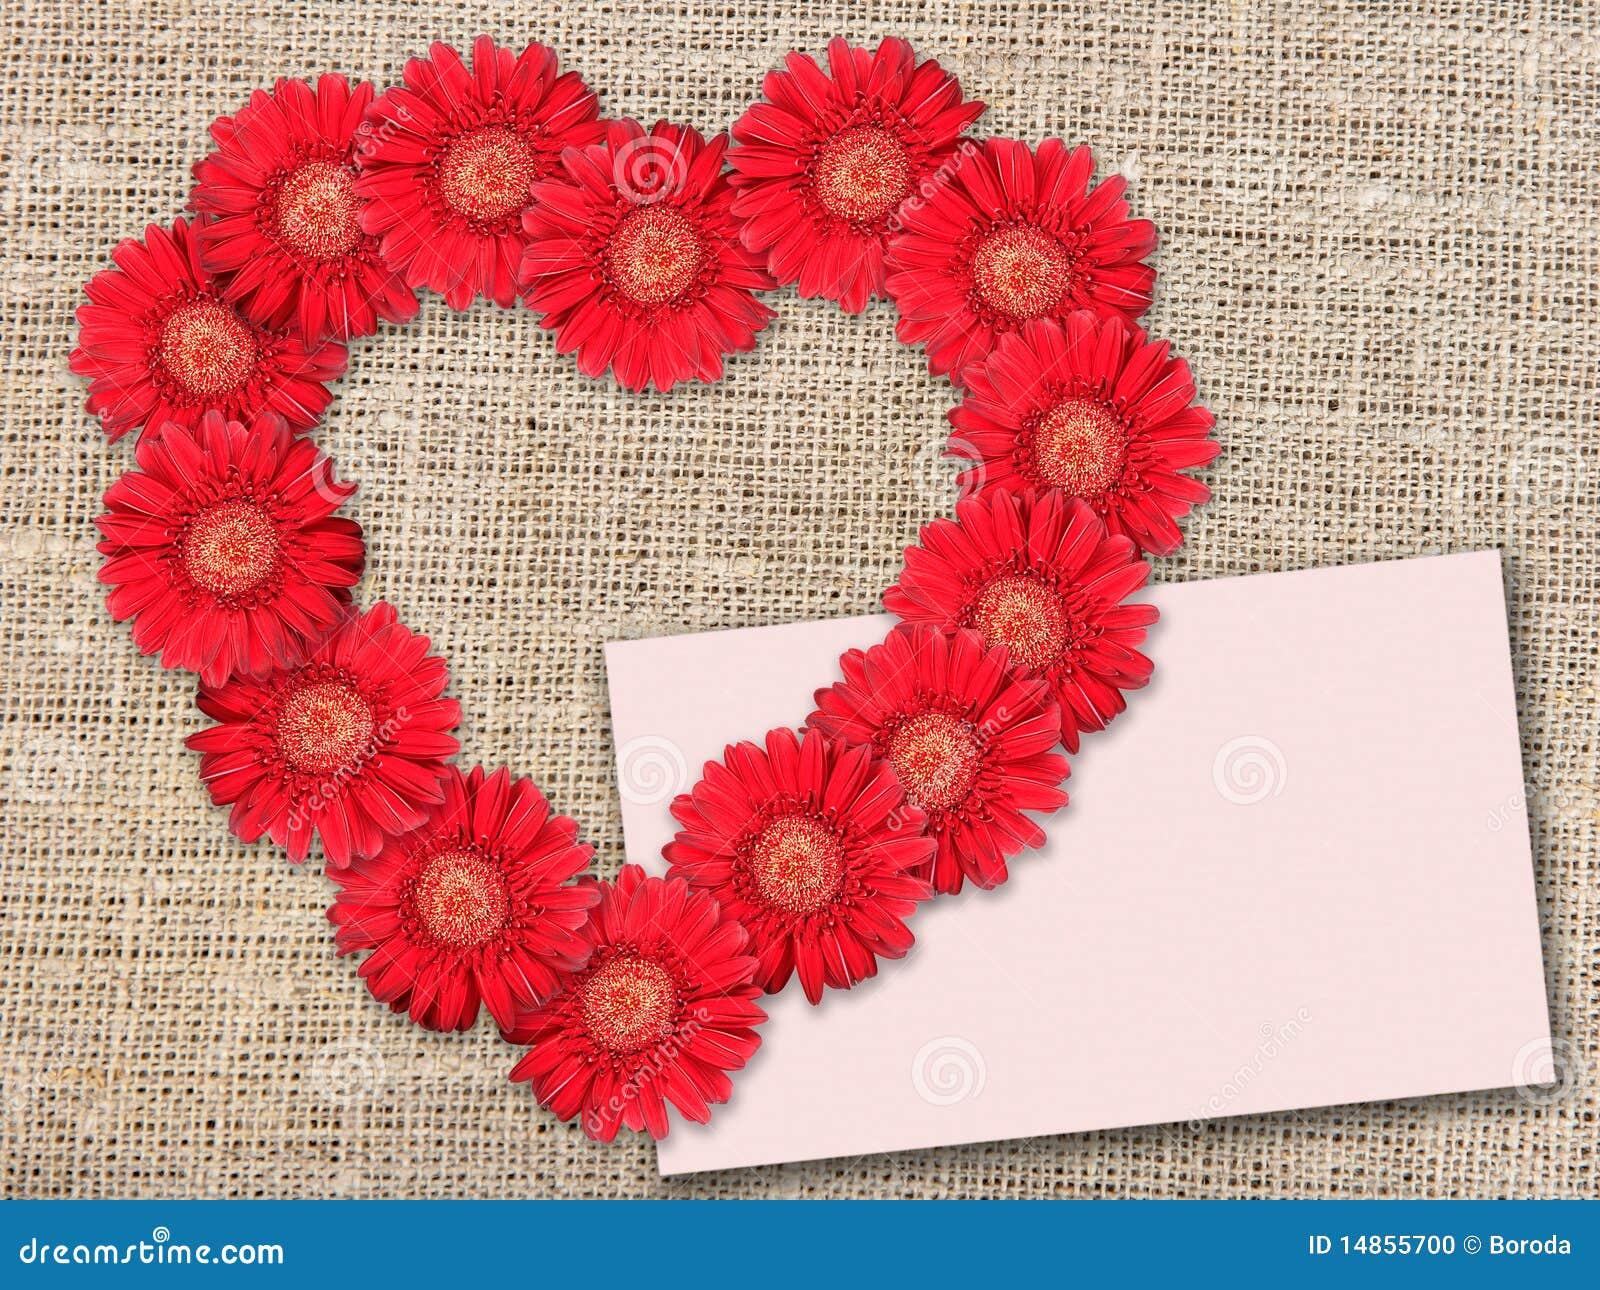 Bouquet des fleurs rouges comme coeur forme photo stock for Prix de bouquet de fleurs